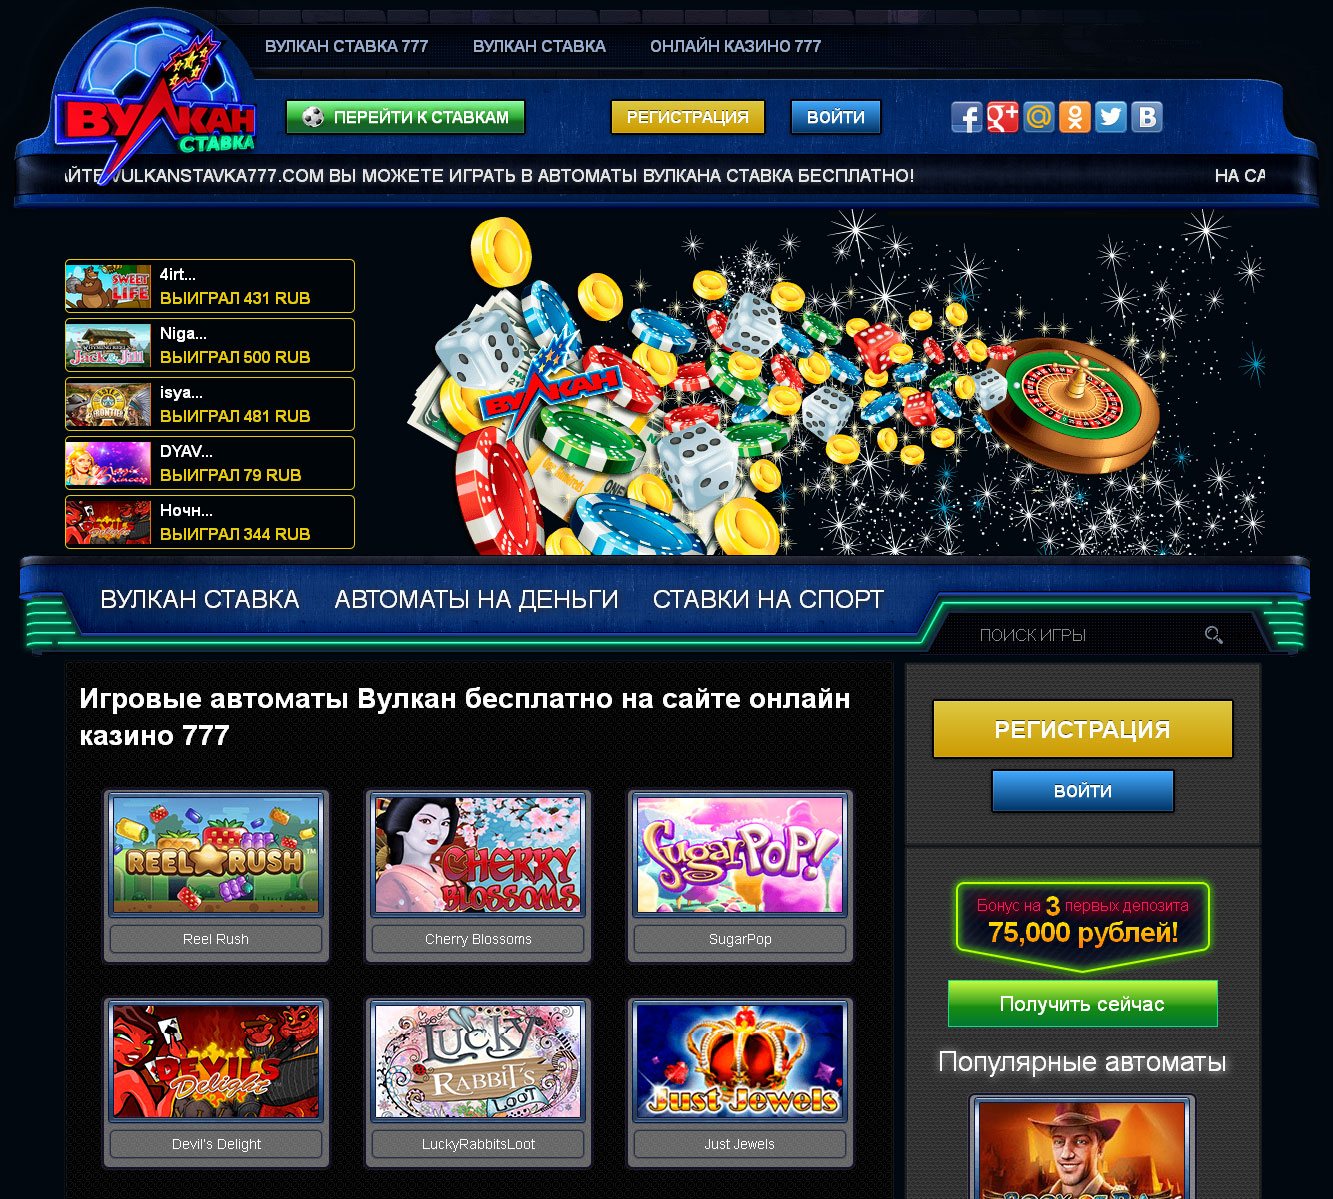 Скачать игровые автоматы в мобильный телефон, видеослот байкал онлайн казино